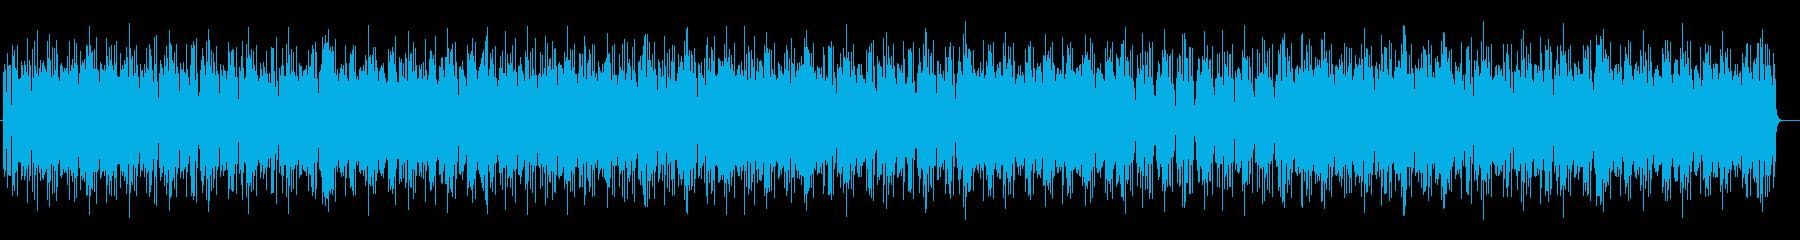 少し怪しげなヒップホップの再生済みの波形